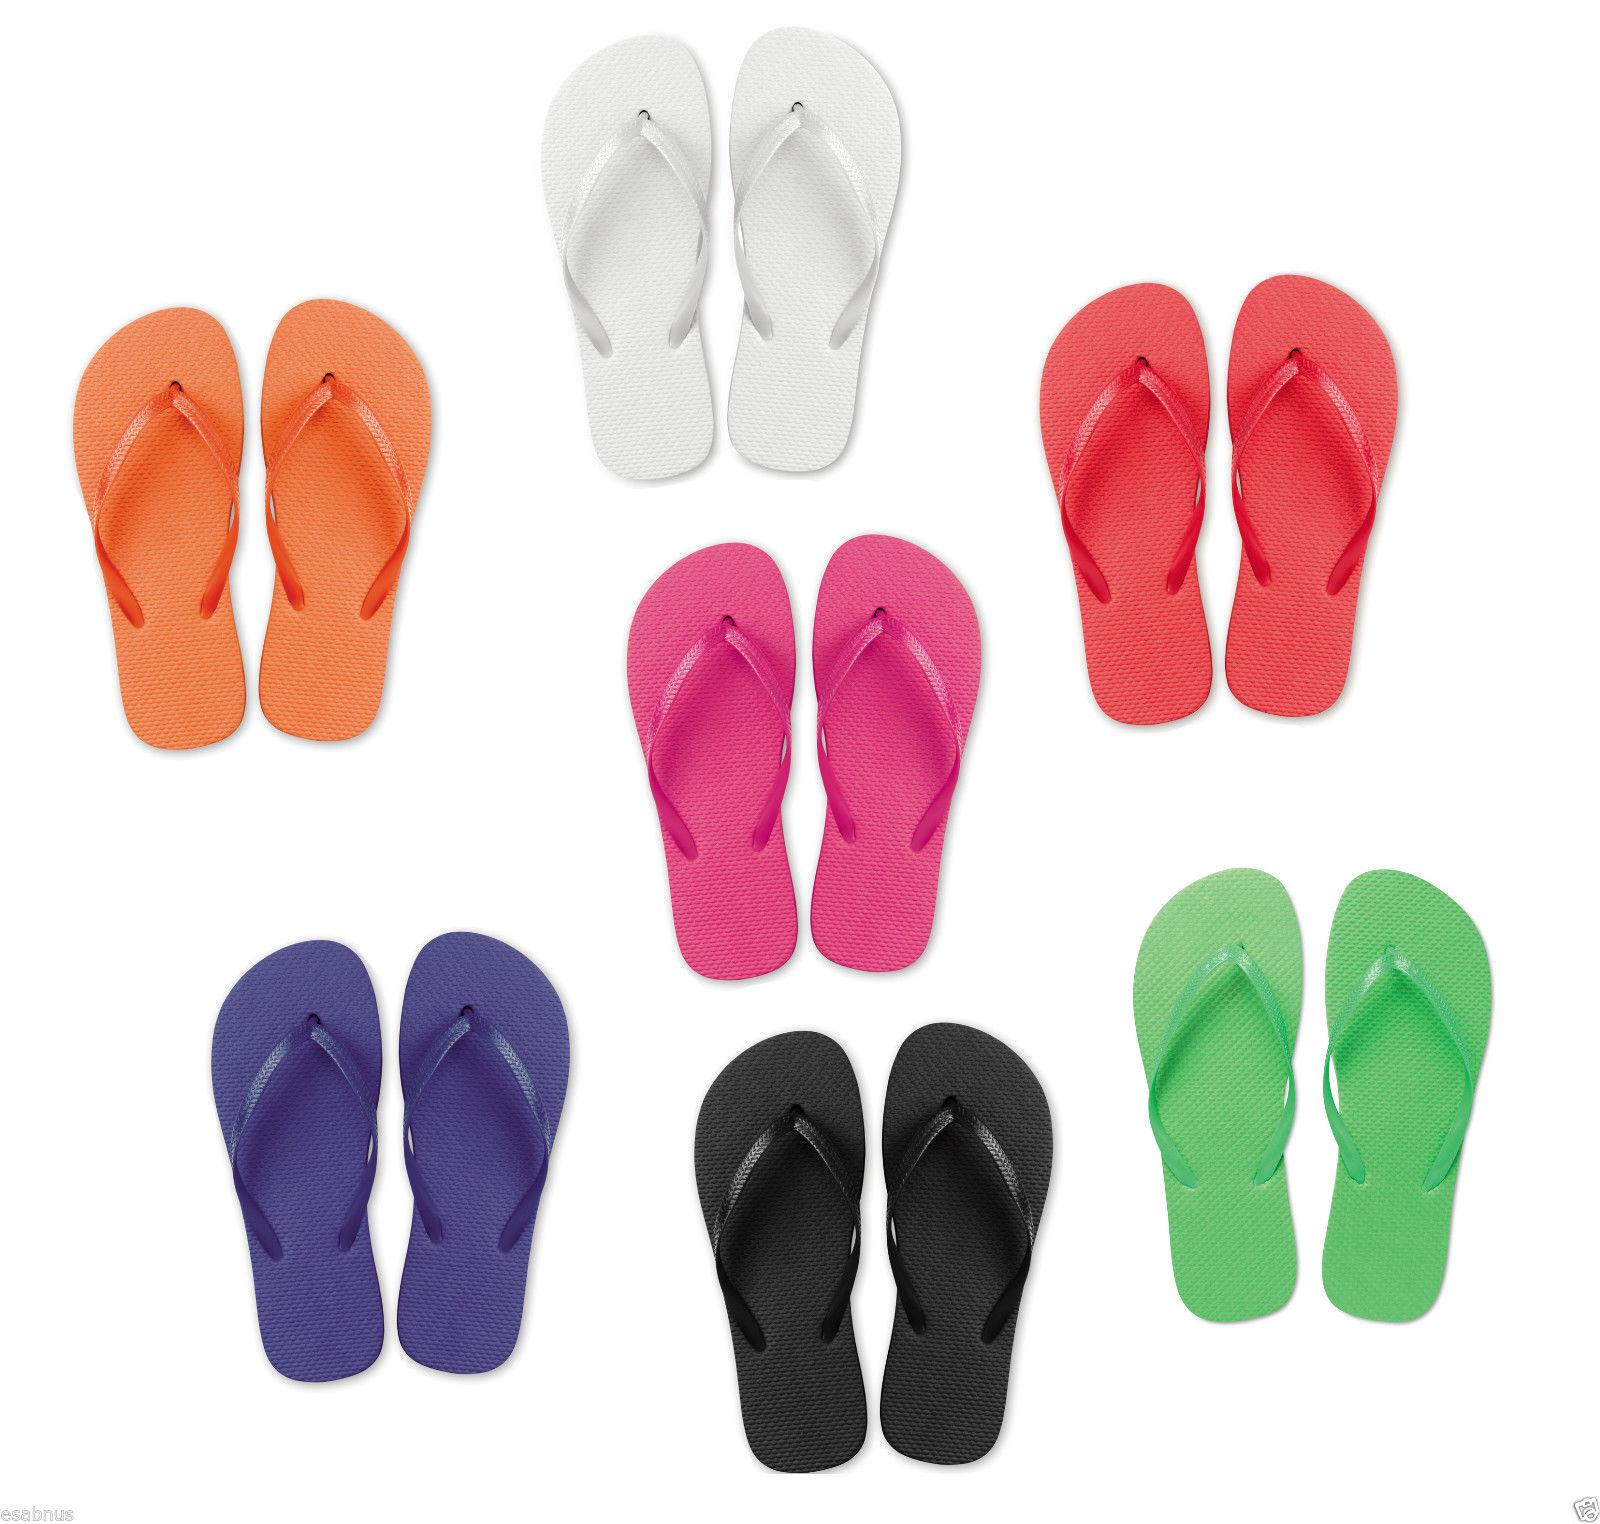 BN uomo spiaggia infradito sandali estivi BRILLANTE schiuma 2 MISURE ML circa